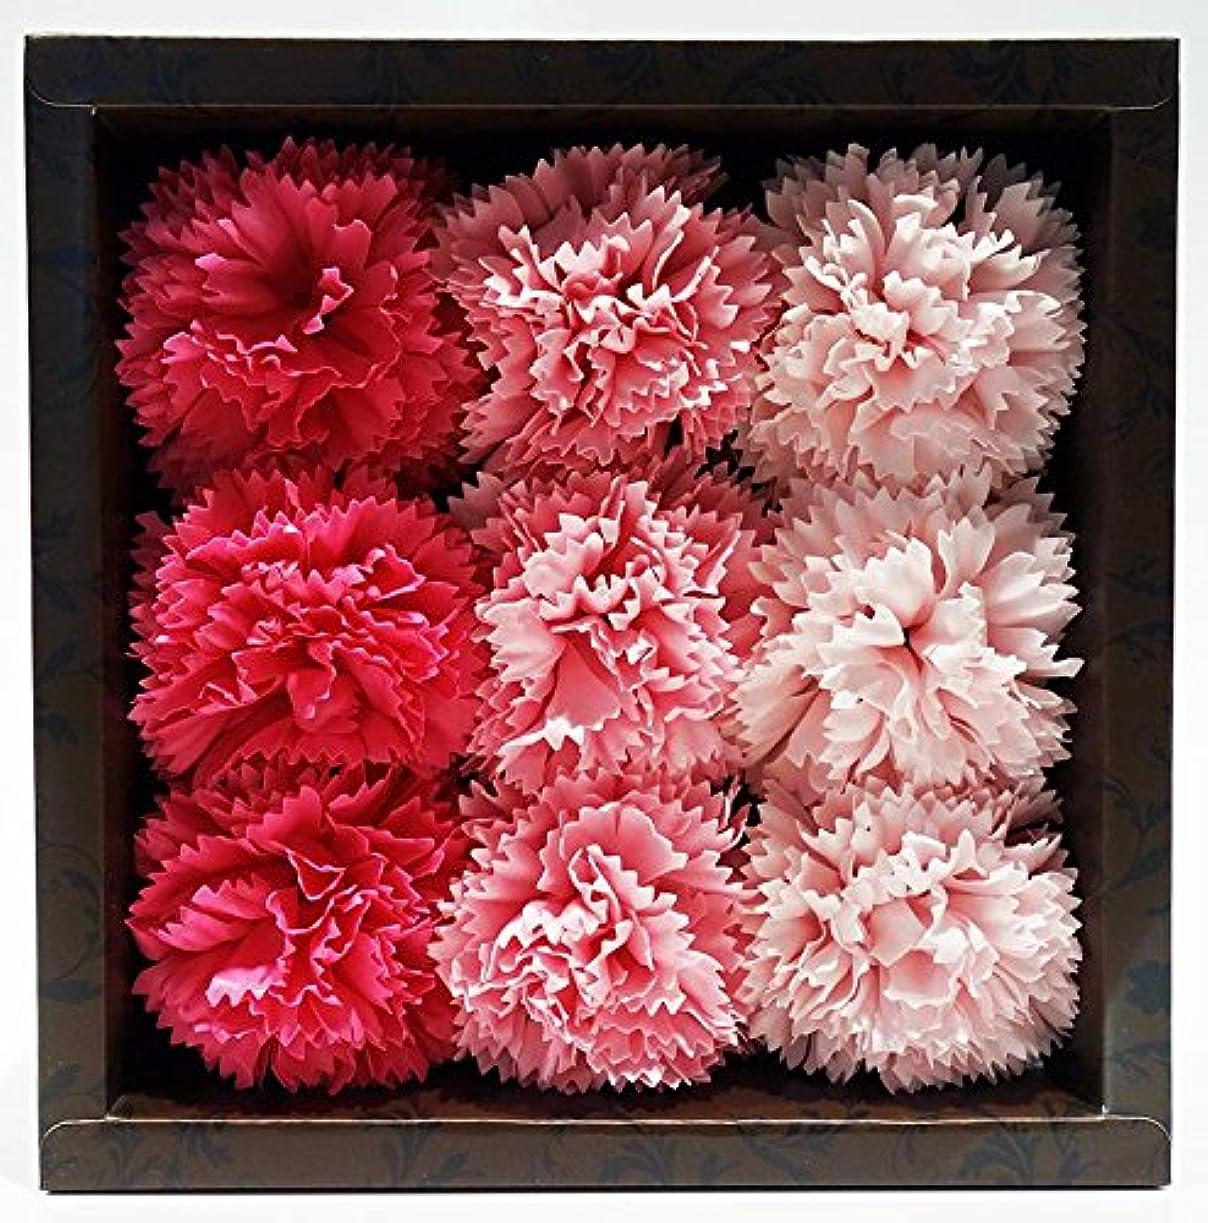 シングルカウンターパート参照するバスフレグランス バスフラワー カーネーション ピンクカラー お花の形の入浴剤 母の日 プレゼント ギフト